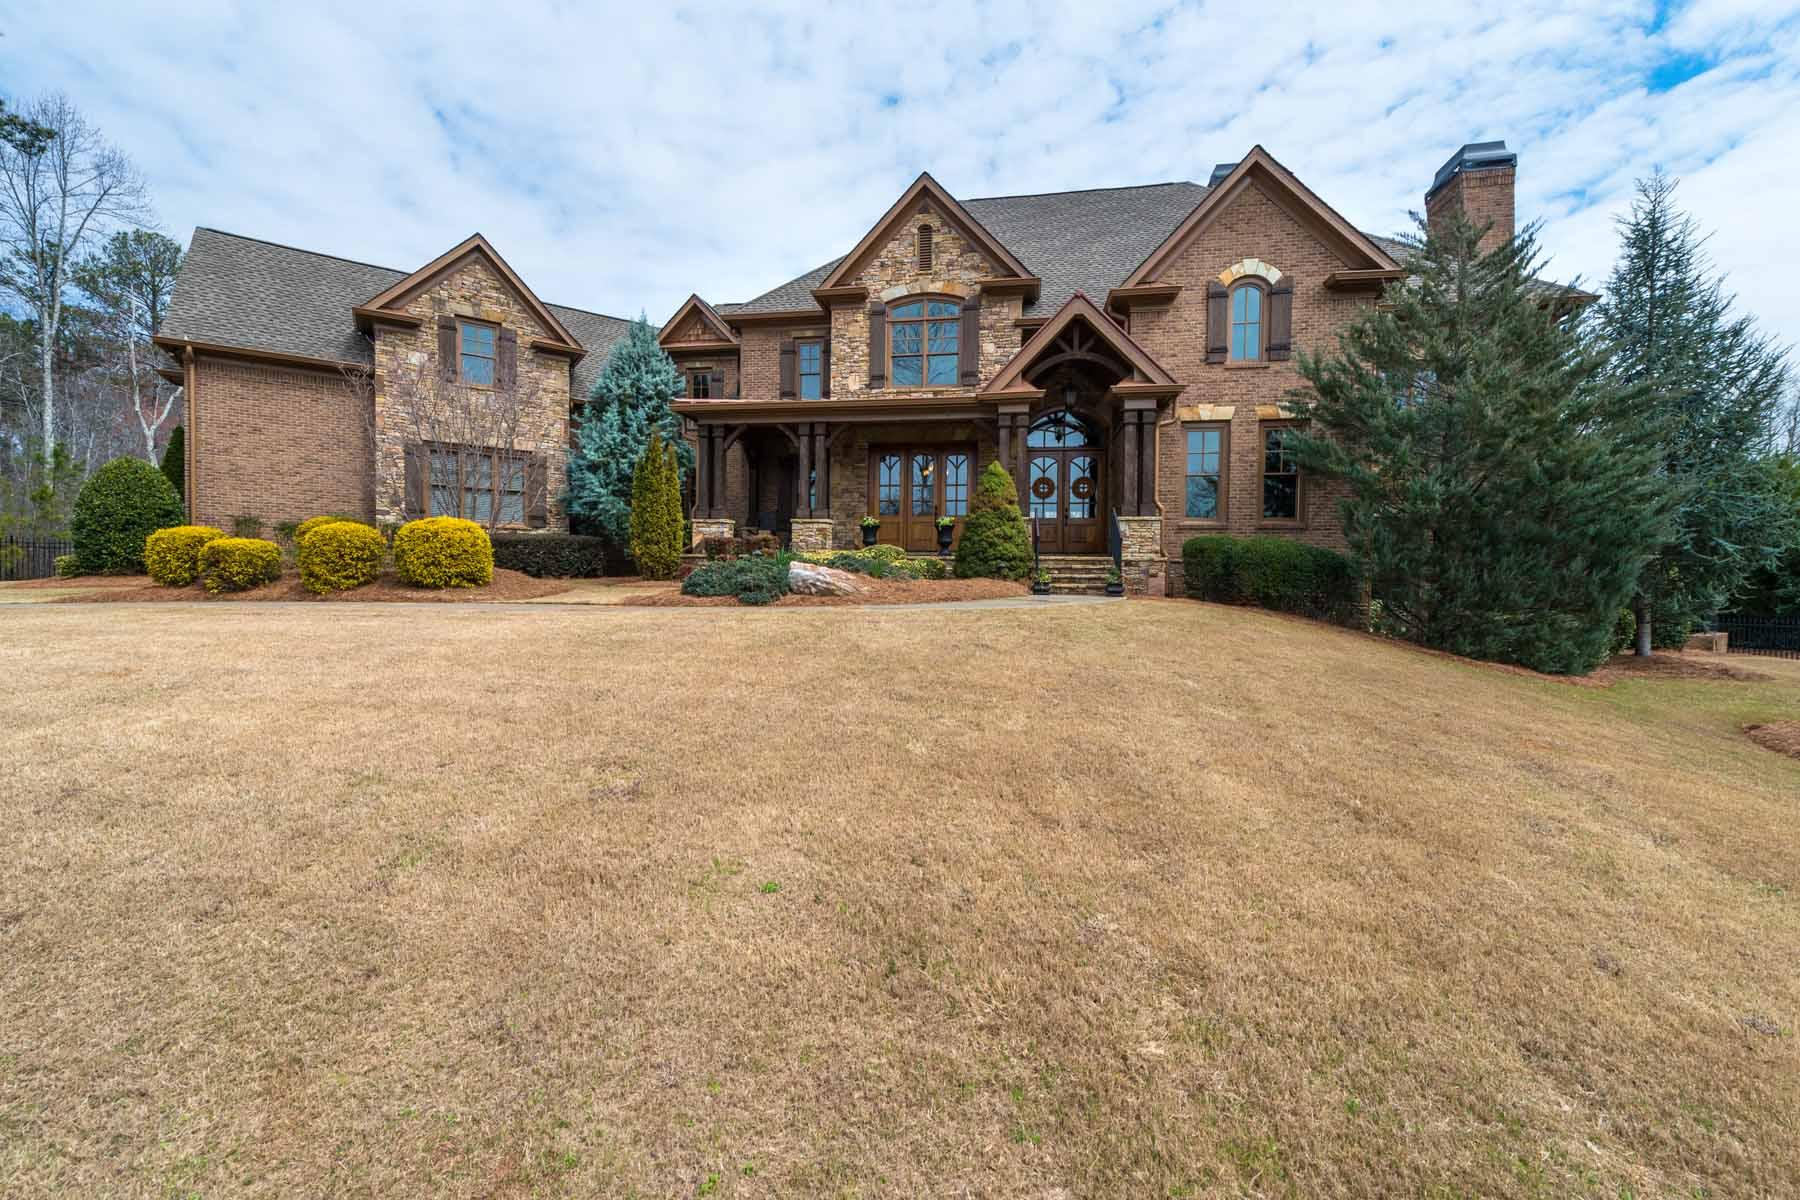 Casa Unifamiliar por un Venta en An Extraordinary Home 14013 Tree Loft Road Milton, Georgia, 30004 Estados Unidos